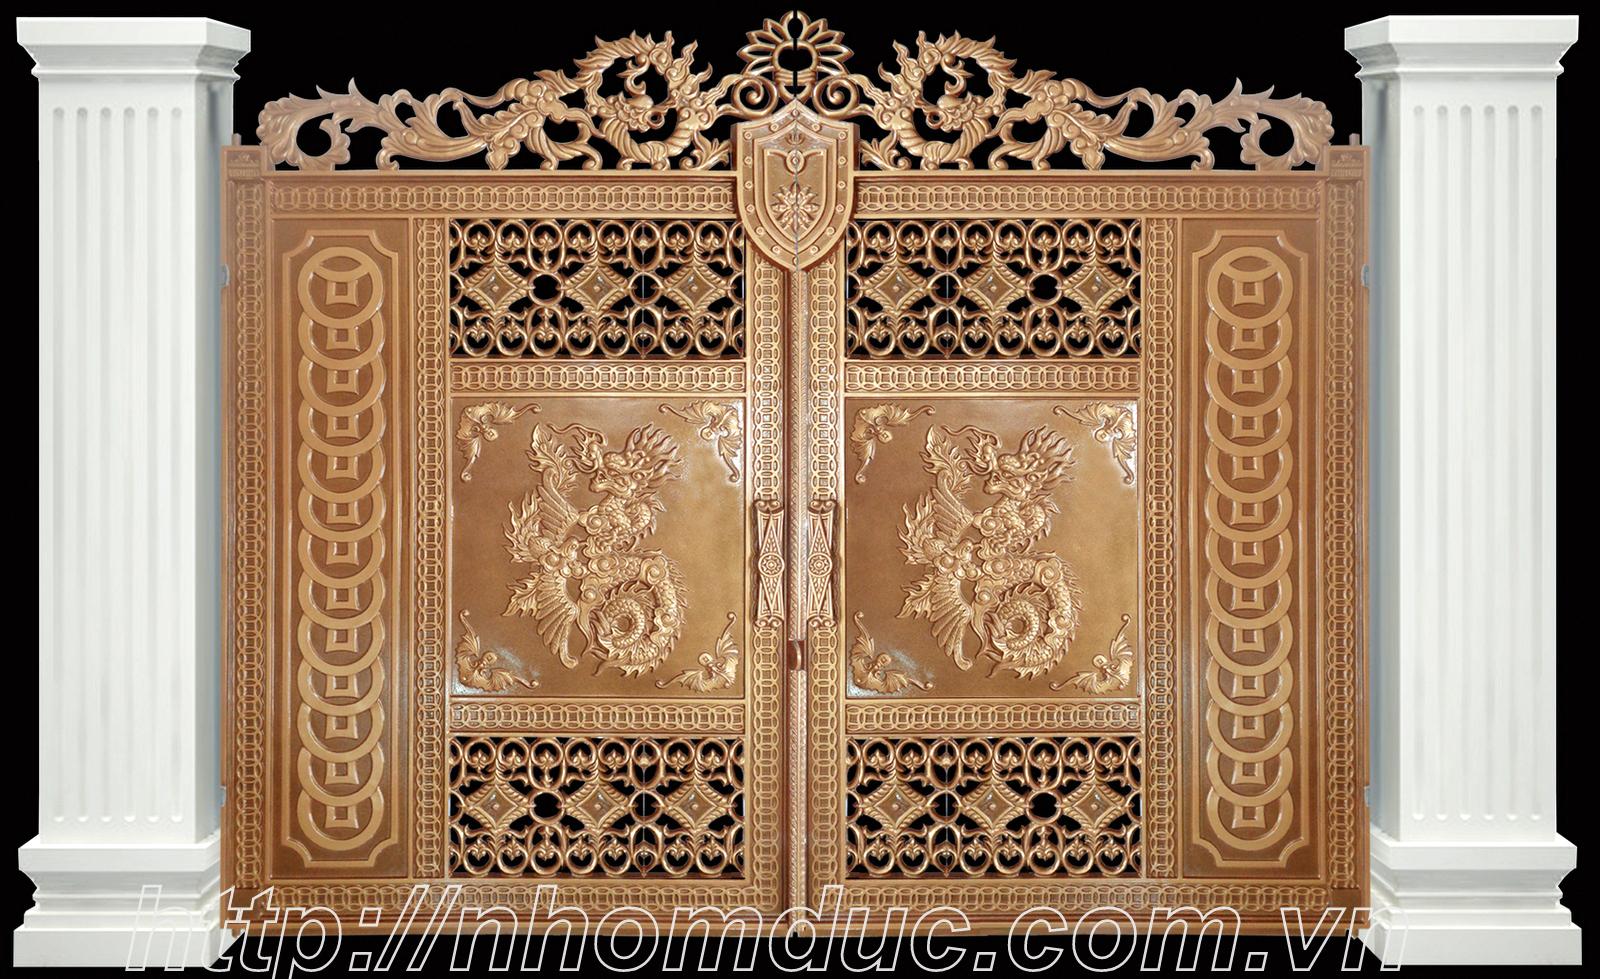 Cửa cổng nhôm đúc tại Hải Phòng. Cửa cổng nhôm đúc tại Hải Phòng, cty Fuco chuyên sản xuất, phân phối các sản phẩm cửa cổng nhôm